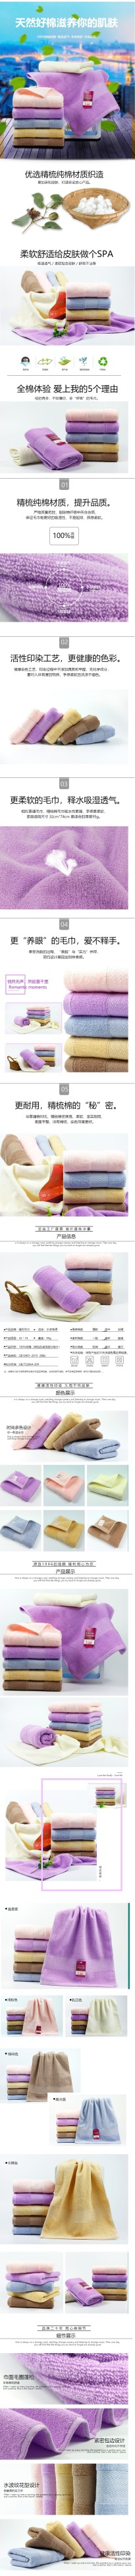 清新简约纯棉毛巾电商详情页